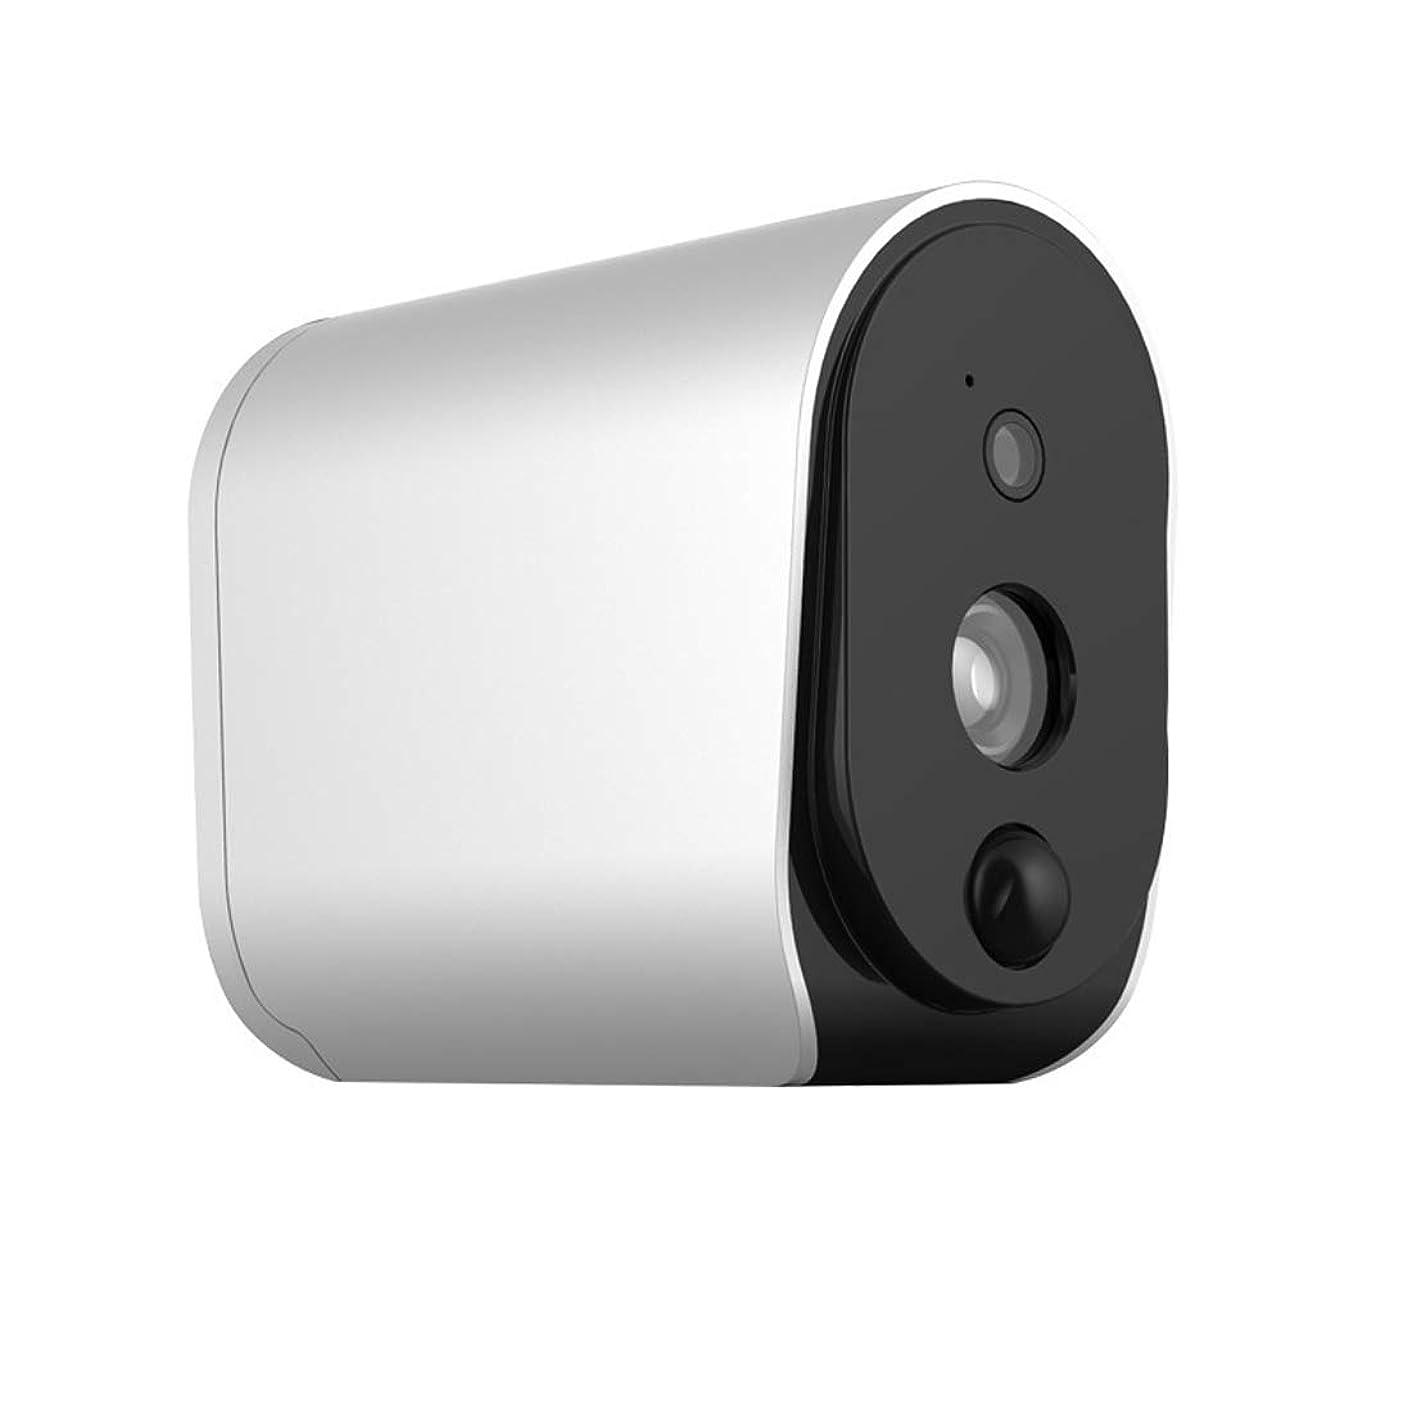 首謀者崖垂直铁锋区志诚机电商店 1080pホームセキュリティカメラ、屋内IP監視システム、夜間ビジョンモーション検出付き家庭/オフィス/ベビー/ペットモニター用の双方向オーディオ